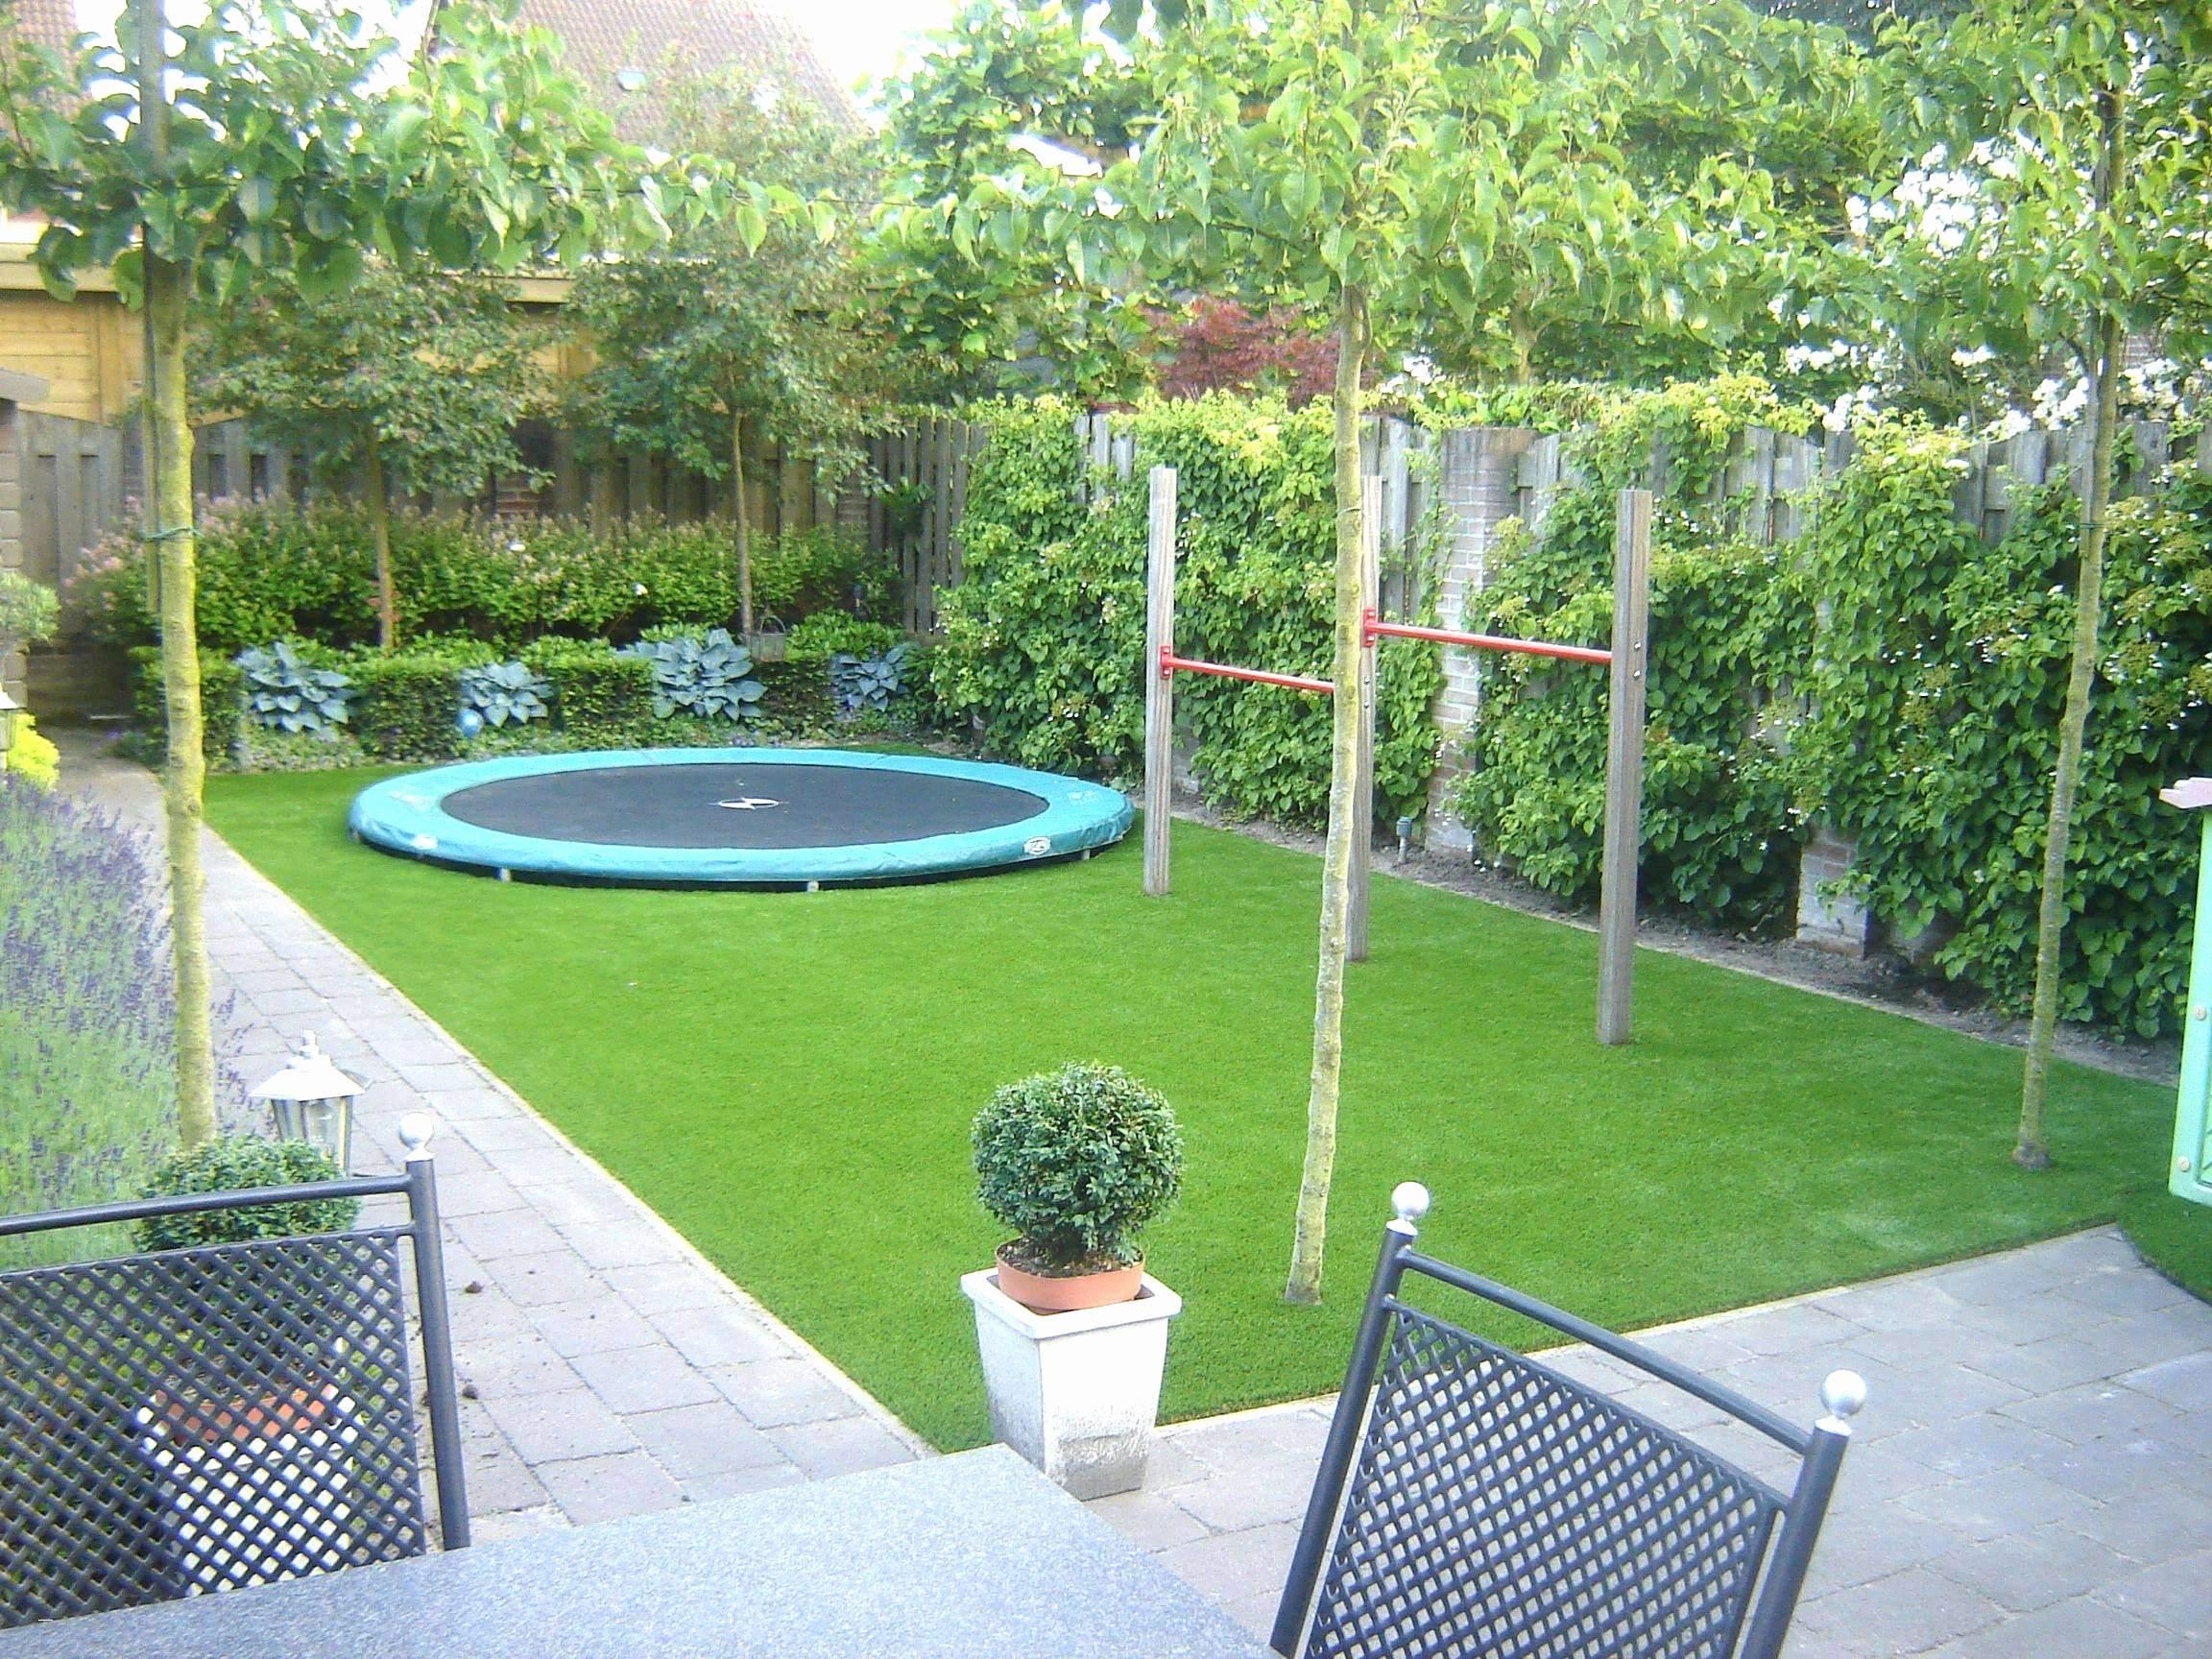 Garten Gestalten Einfach Neu Garten Schön Gestalten 💐 19 Schön Garten Selbst Gestalten